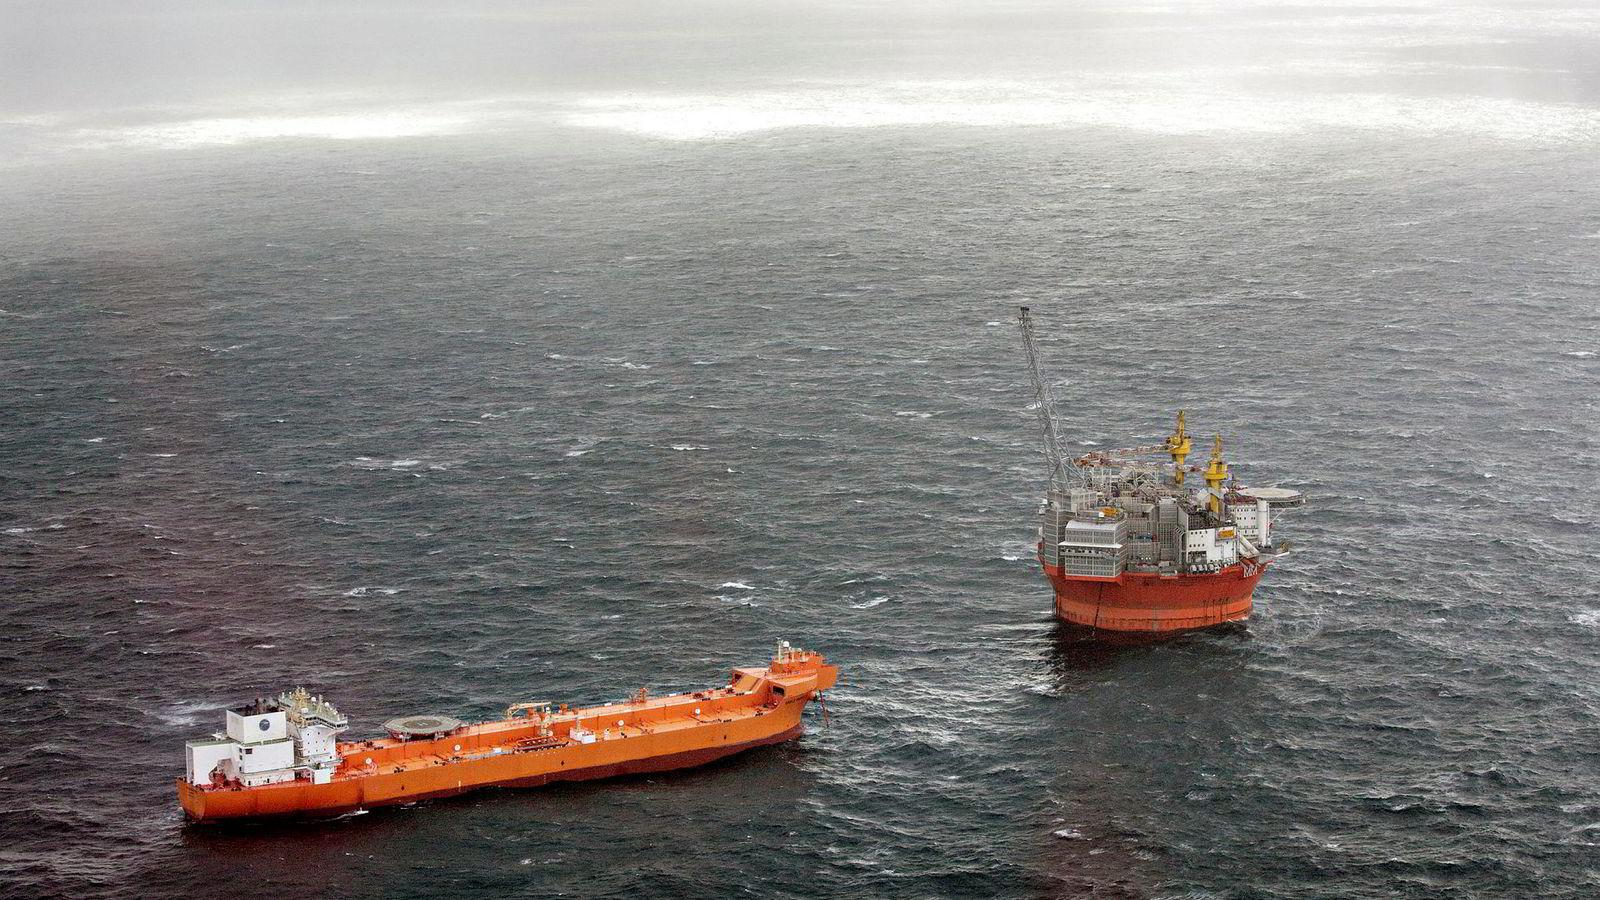 Oljeproduksjonen på «Goliat» i Barentshavet ble nær halvert i fjor på grunn av reparasjoner og stoppordre fra myndighetene. Nylig leverte oljeplattformen oljelast nummer 50 til en oljetanker.